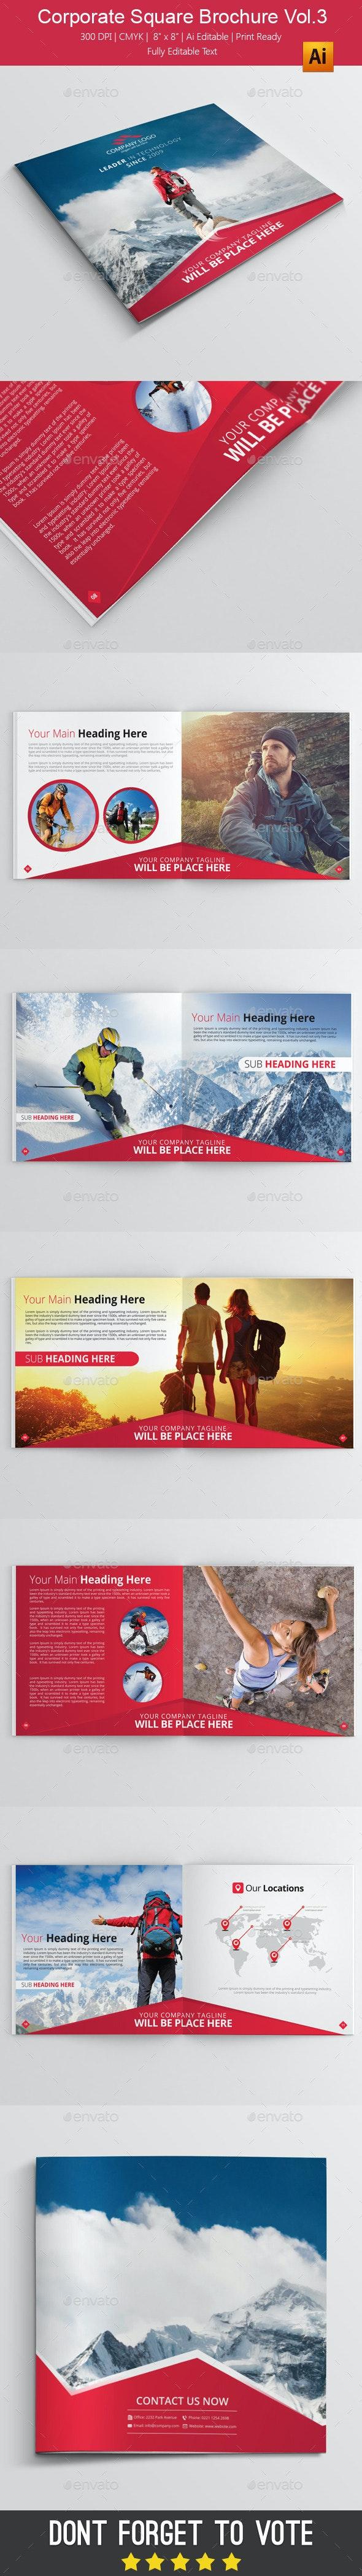 Corporate Square Brochure vol.3 - Brochures Print Templates